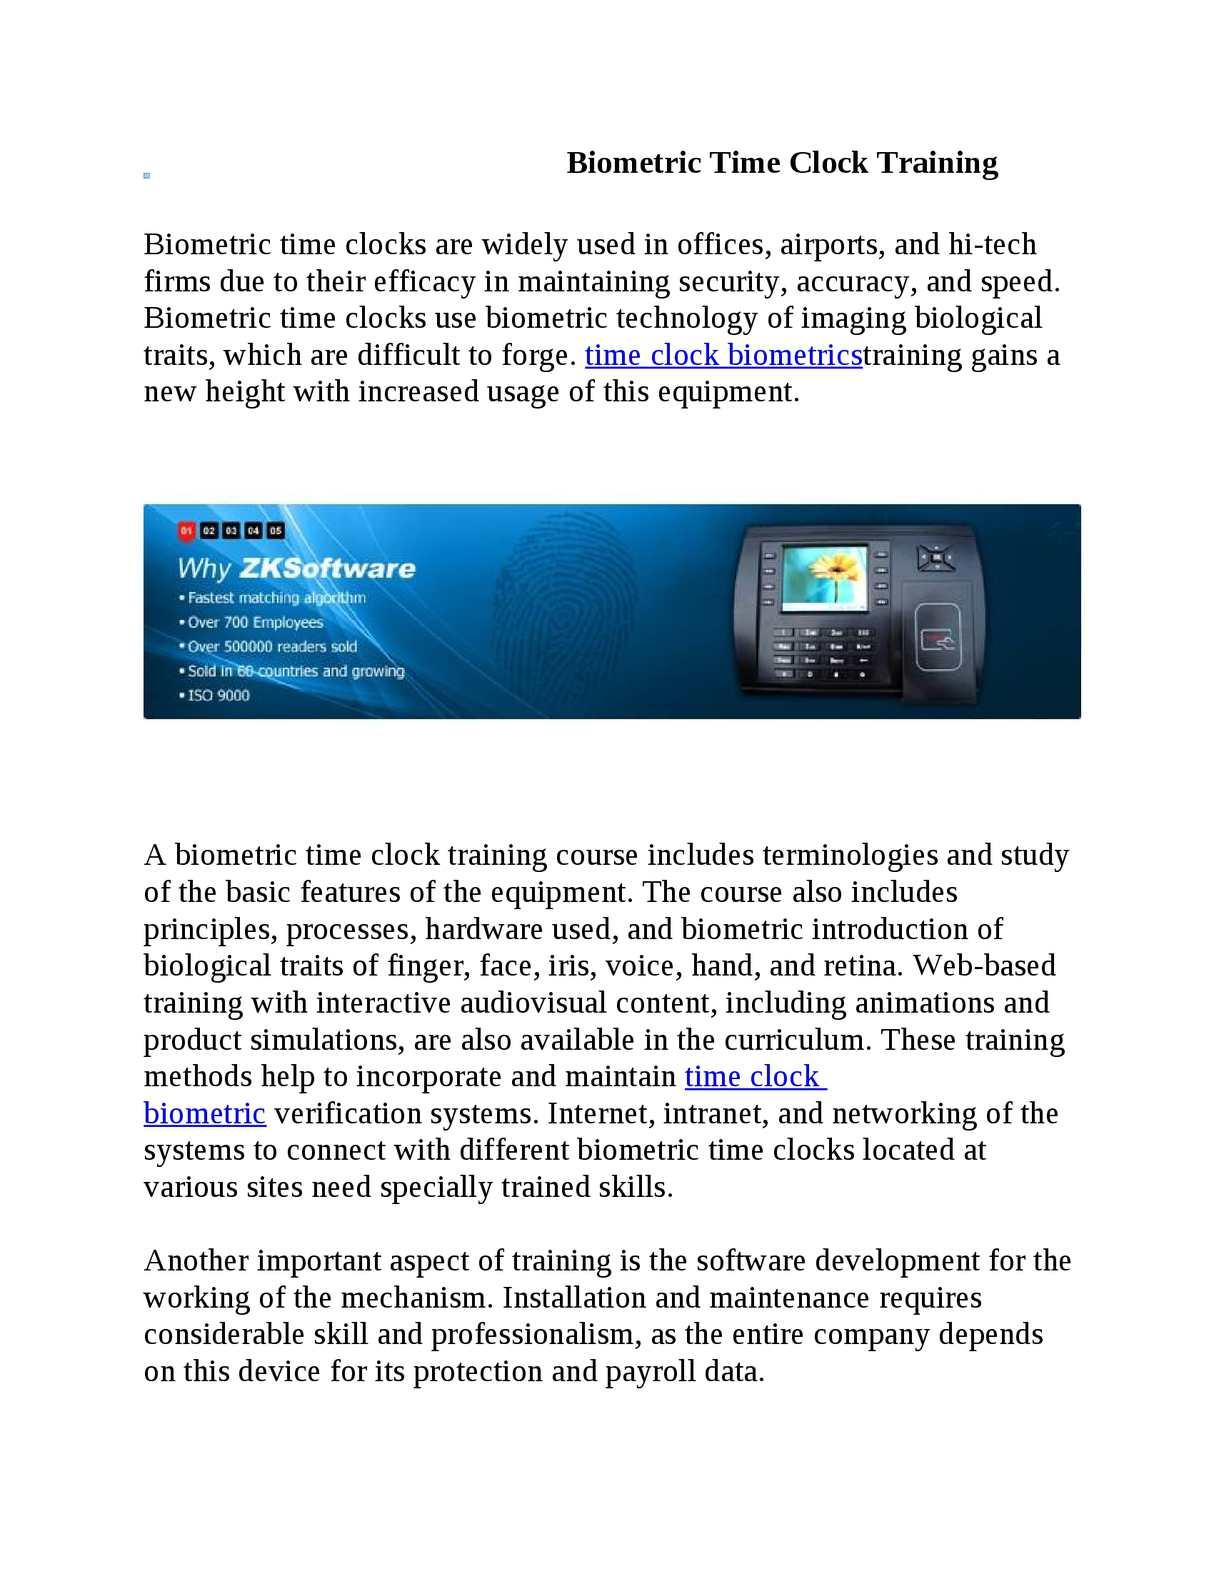 Calaméo - Biometric Time Clock Training